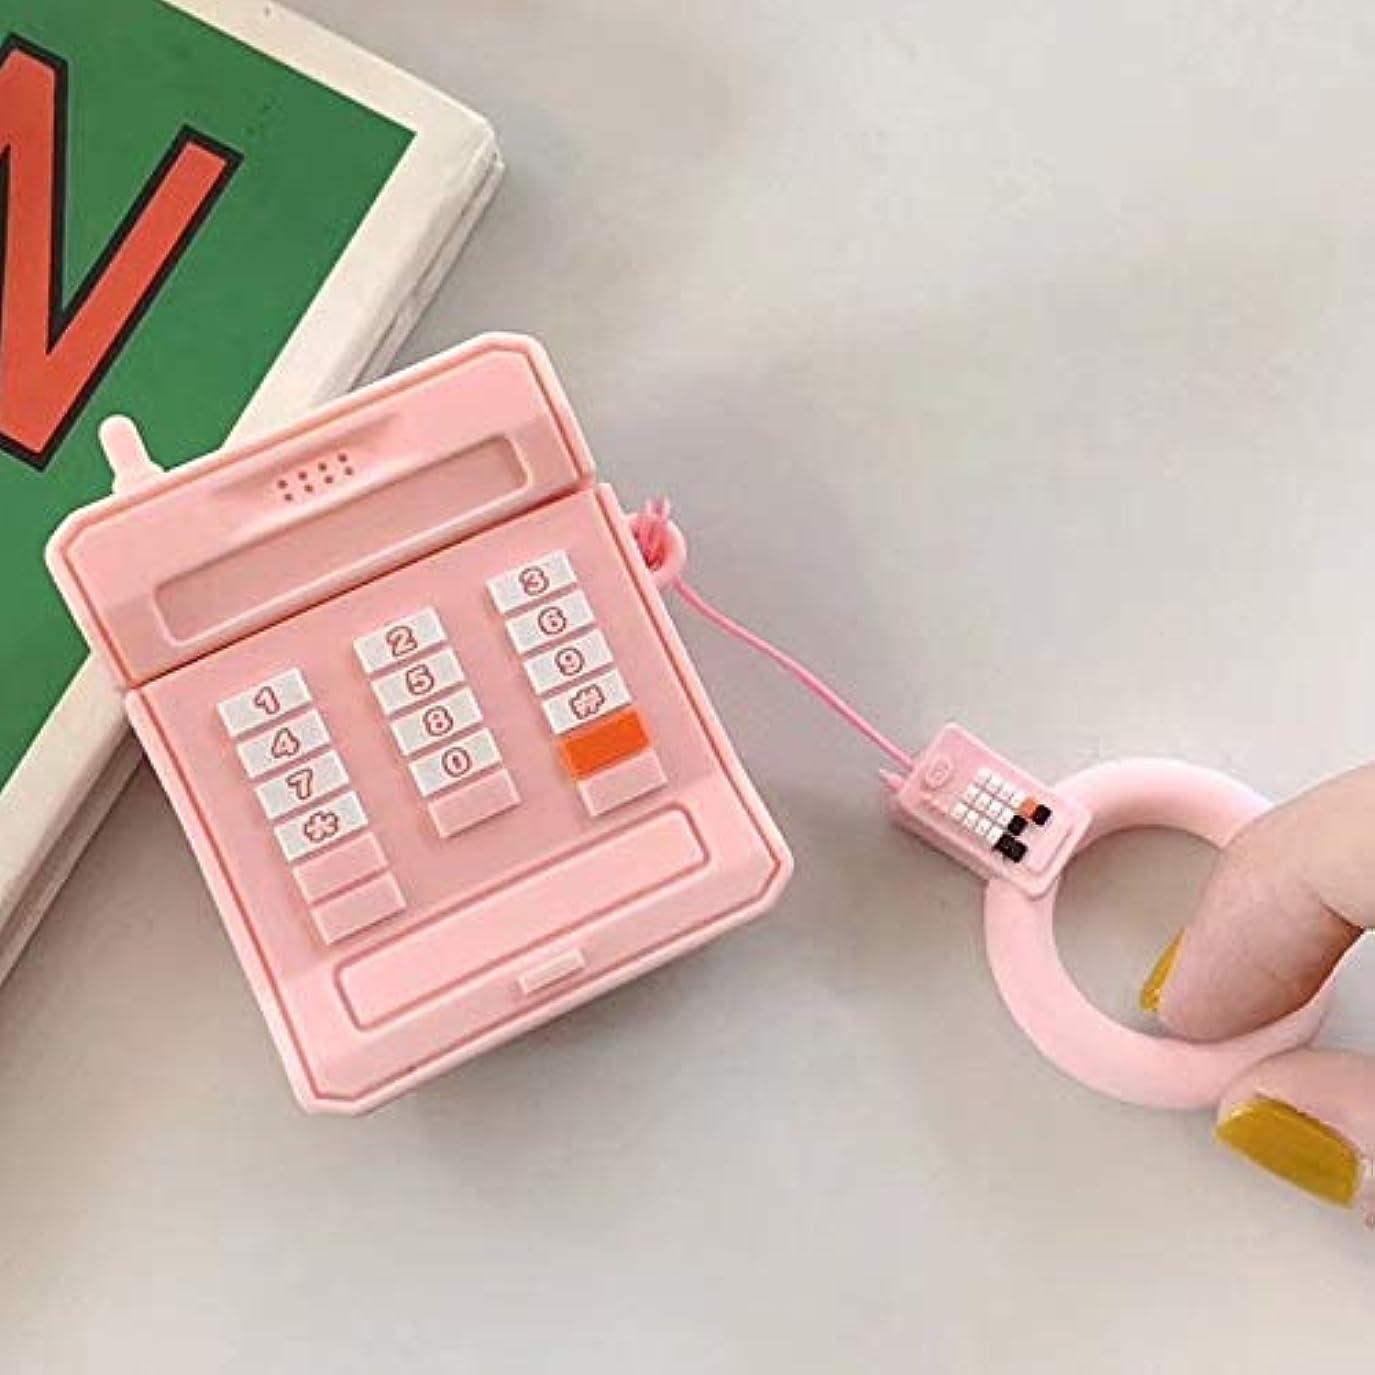 酒ジョグ見物人DARLE HOME AirPods用保護カバーシリコン漫画のBluetoothヘッドセットシリコン落下防止リングストラップ (Color : Pink)